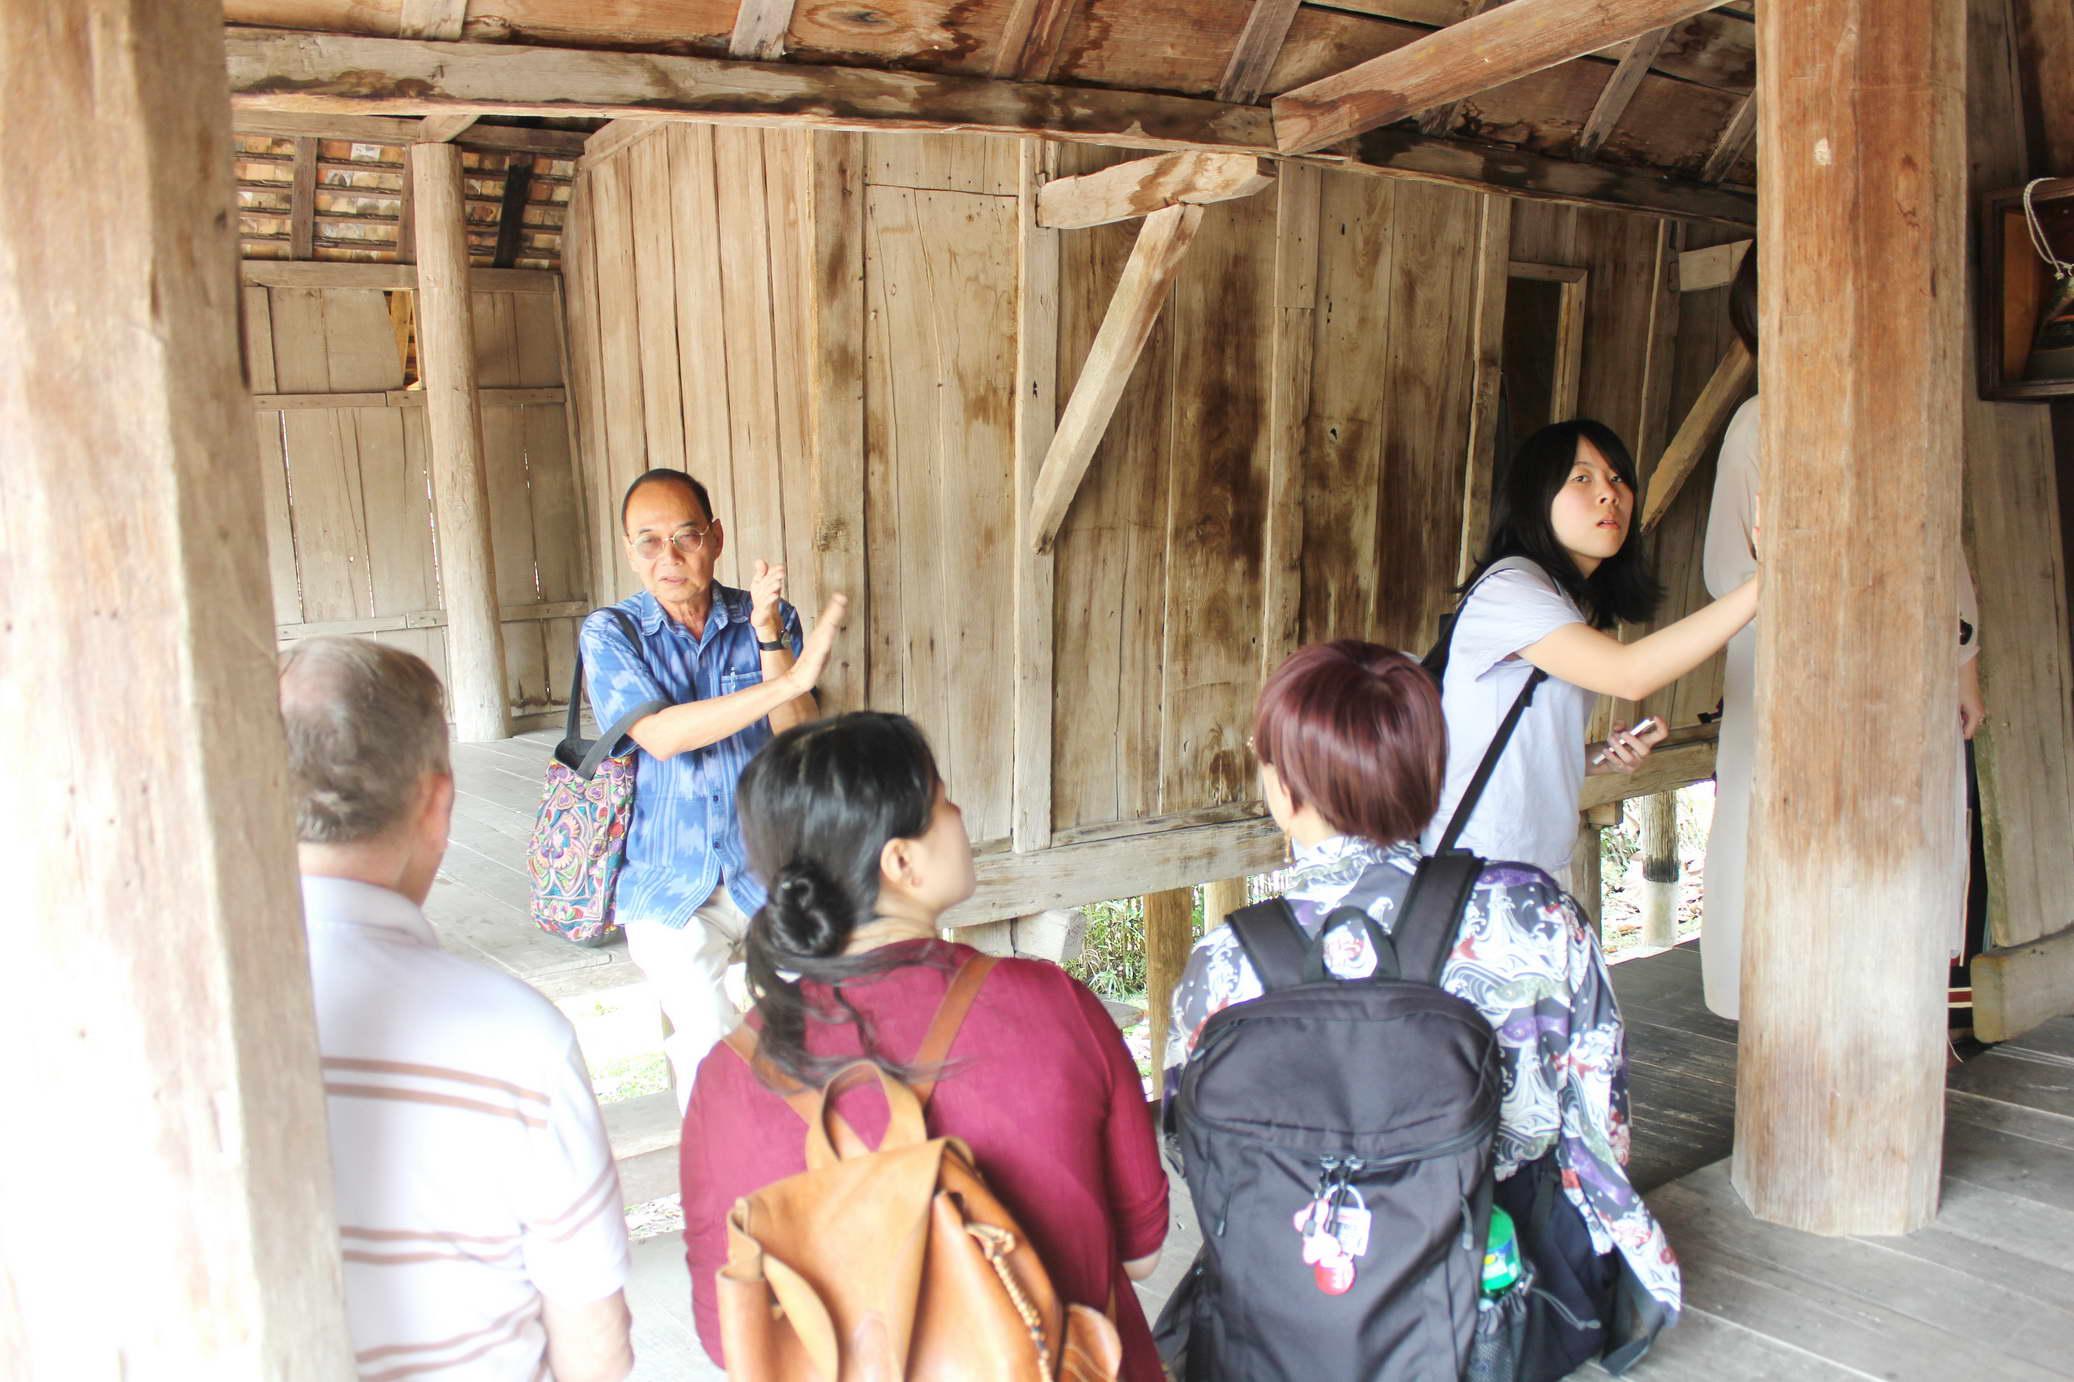 การบรรยายและทัศนศึกษาด้านศิลปวัฒนธรรม ในหัวข้อ Lanna Art and Culture : Today and the Past